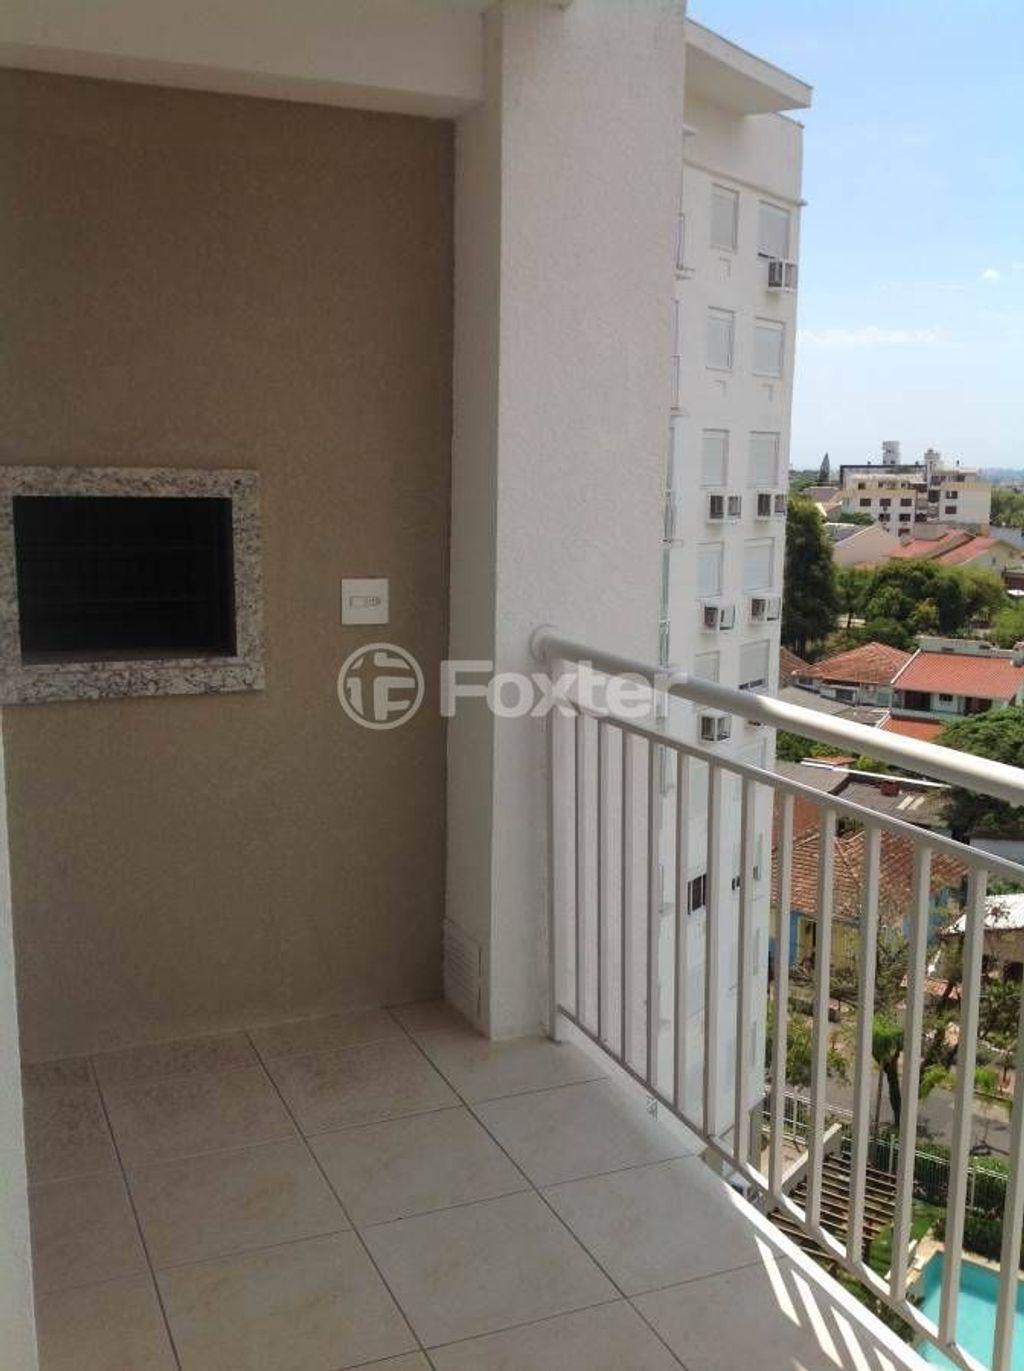 Foxter Imobiliária - Apto 3 Dorm, Vila Ipiranga - Foto 29